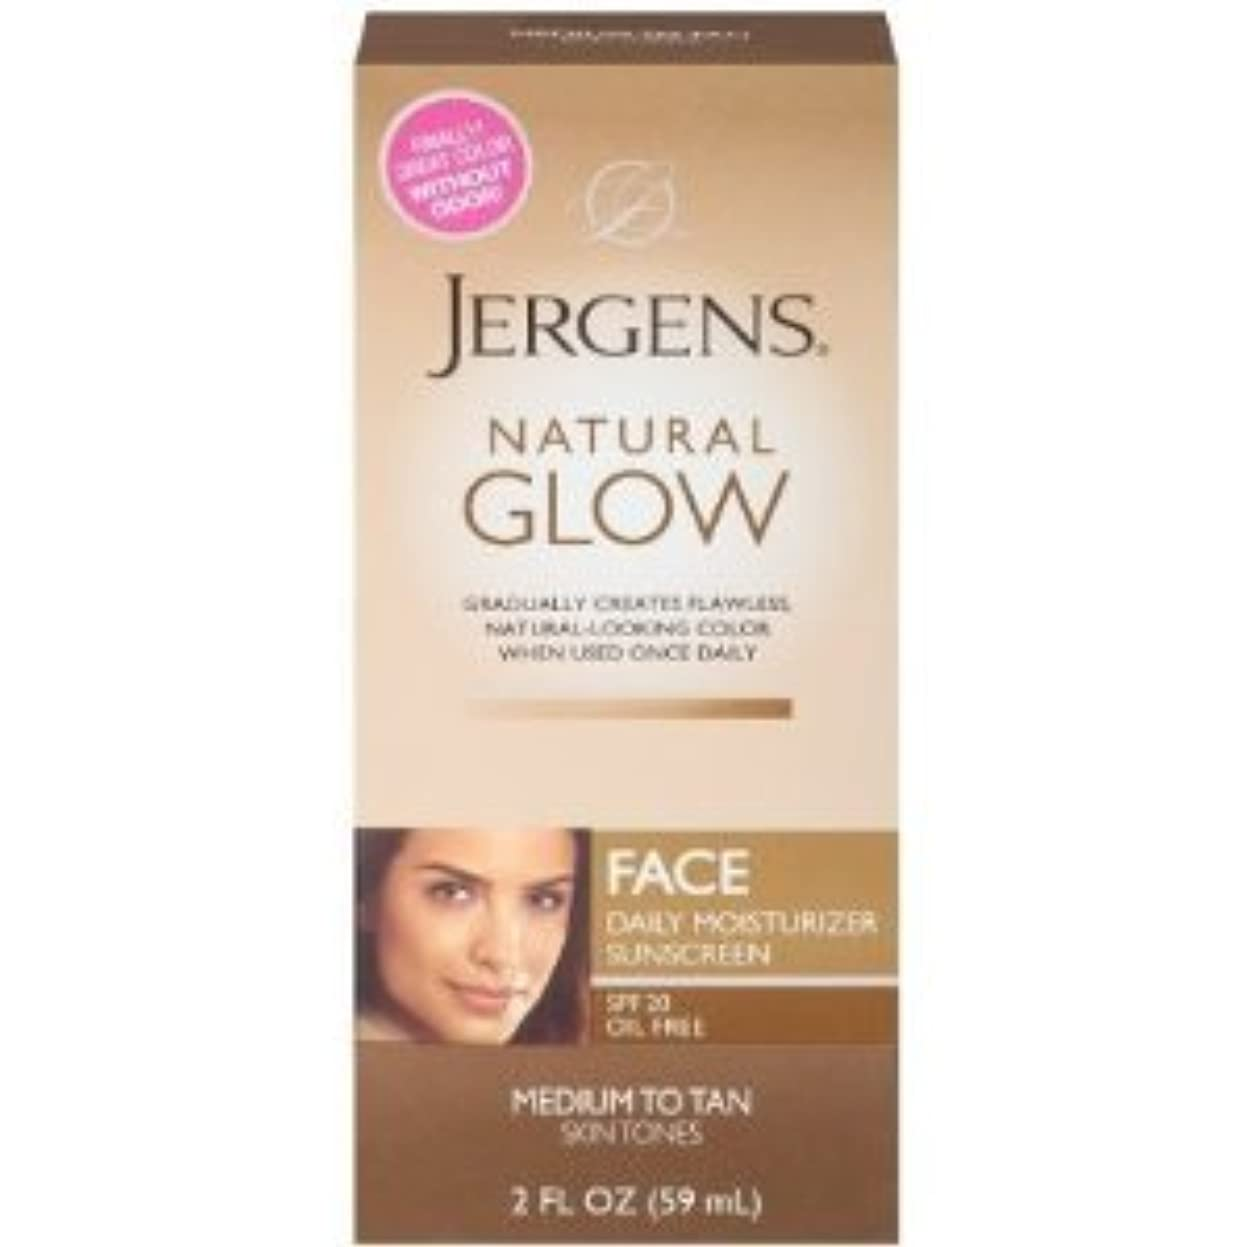 意味のある動く下るNatural Glow Healthy Complexion Daily Facial Moisturizer, SPF 20, Medium to Tan, (59ml) (海外直送品)